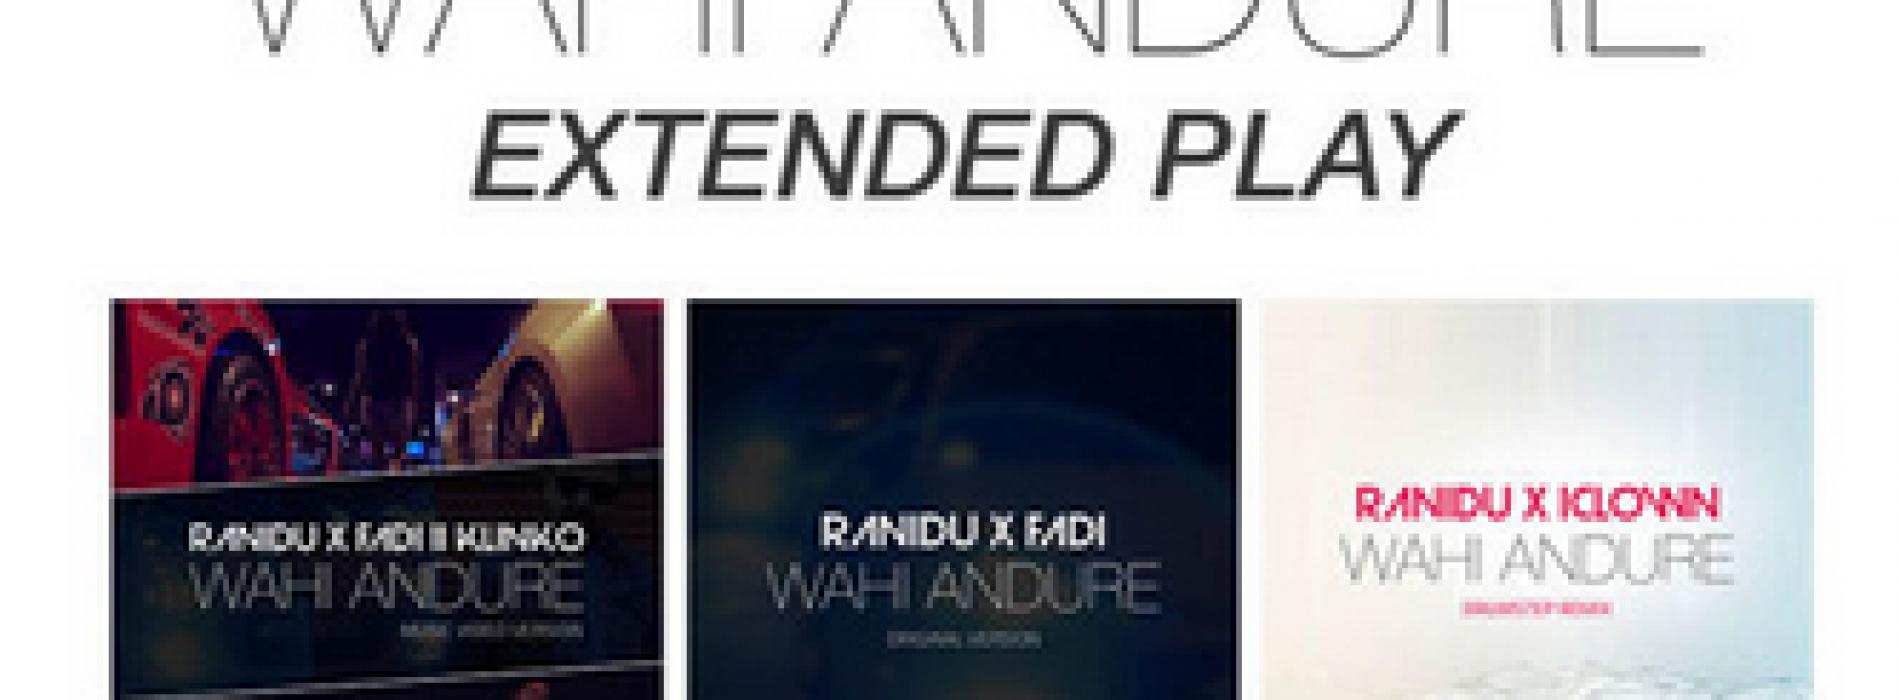 Ranidu: Wahi Andure (The EP)